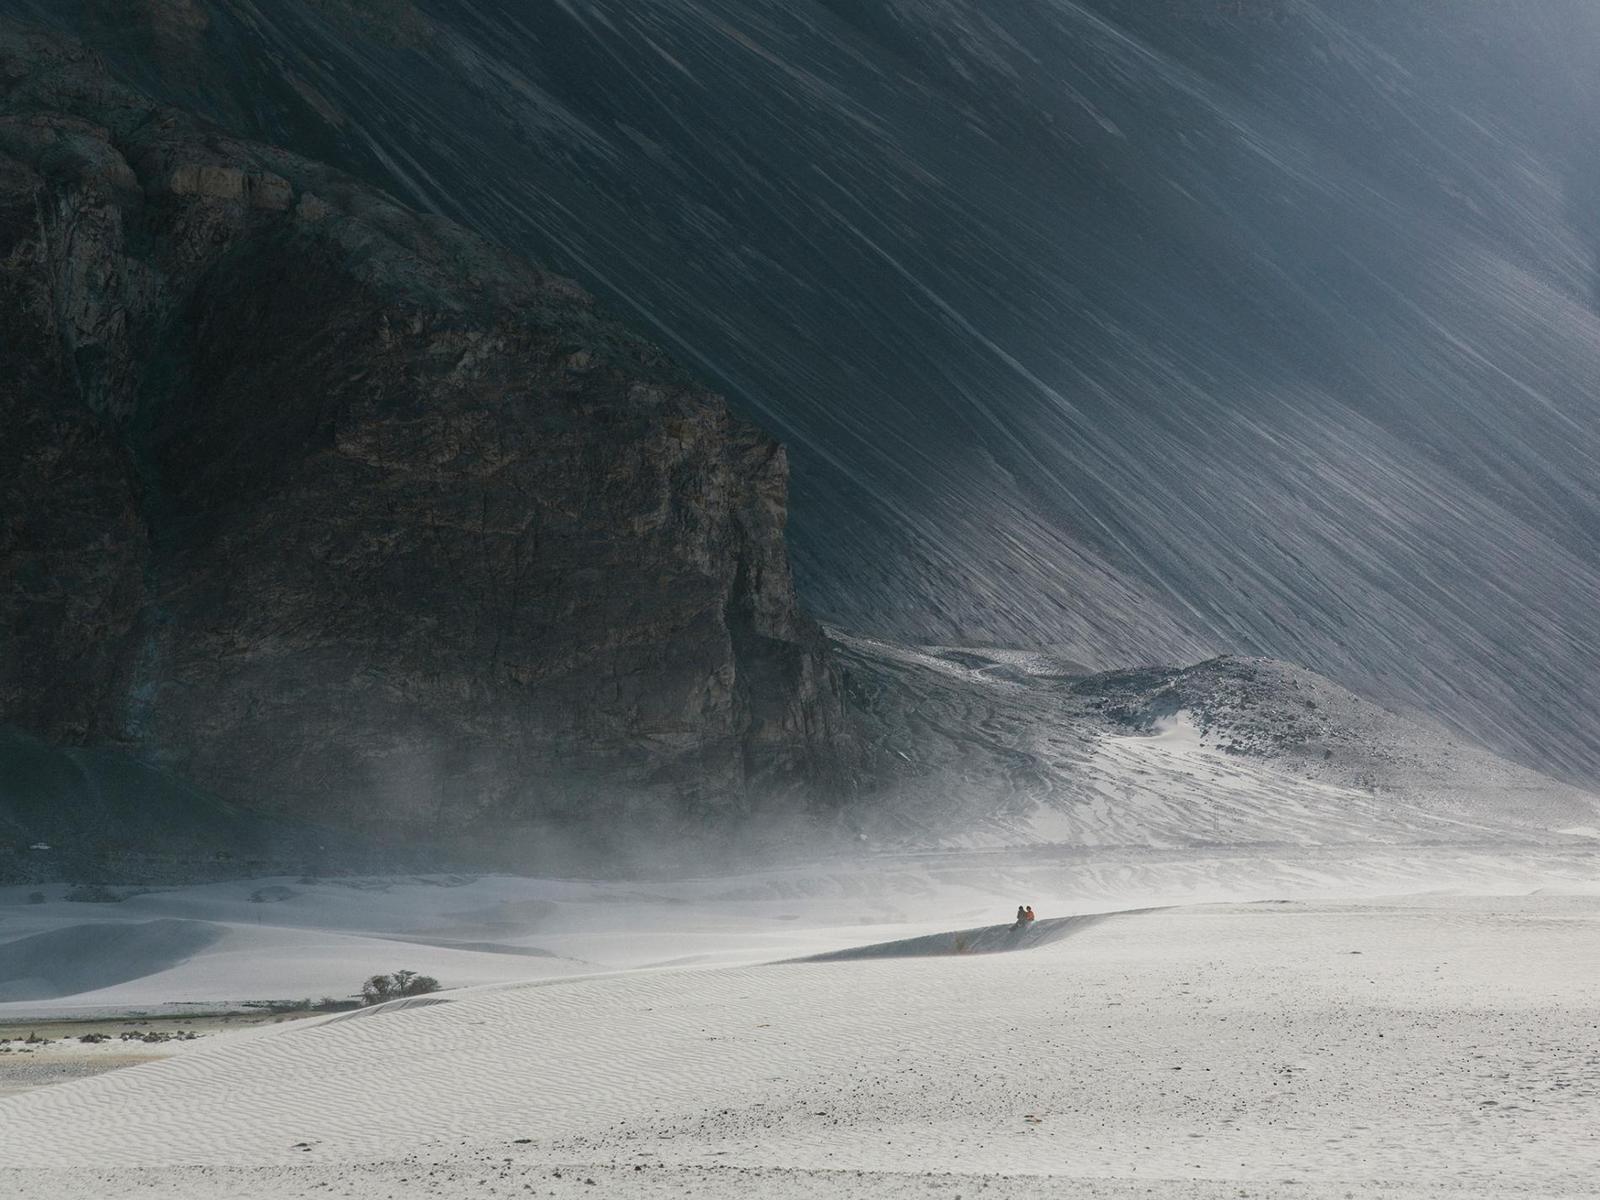 Những hình ảnh siêu thực về 'vùng đất trăng' kỳ bí - 17